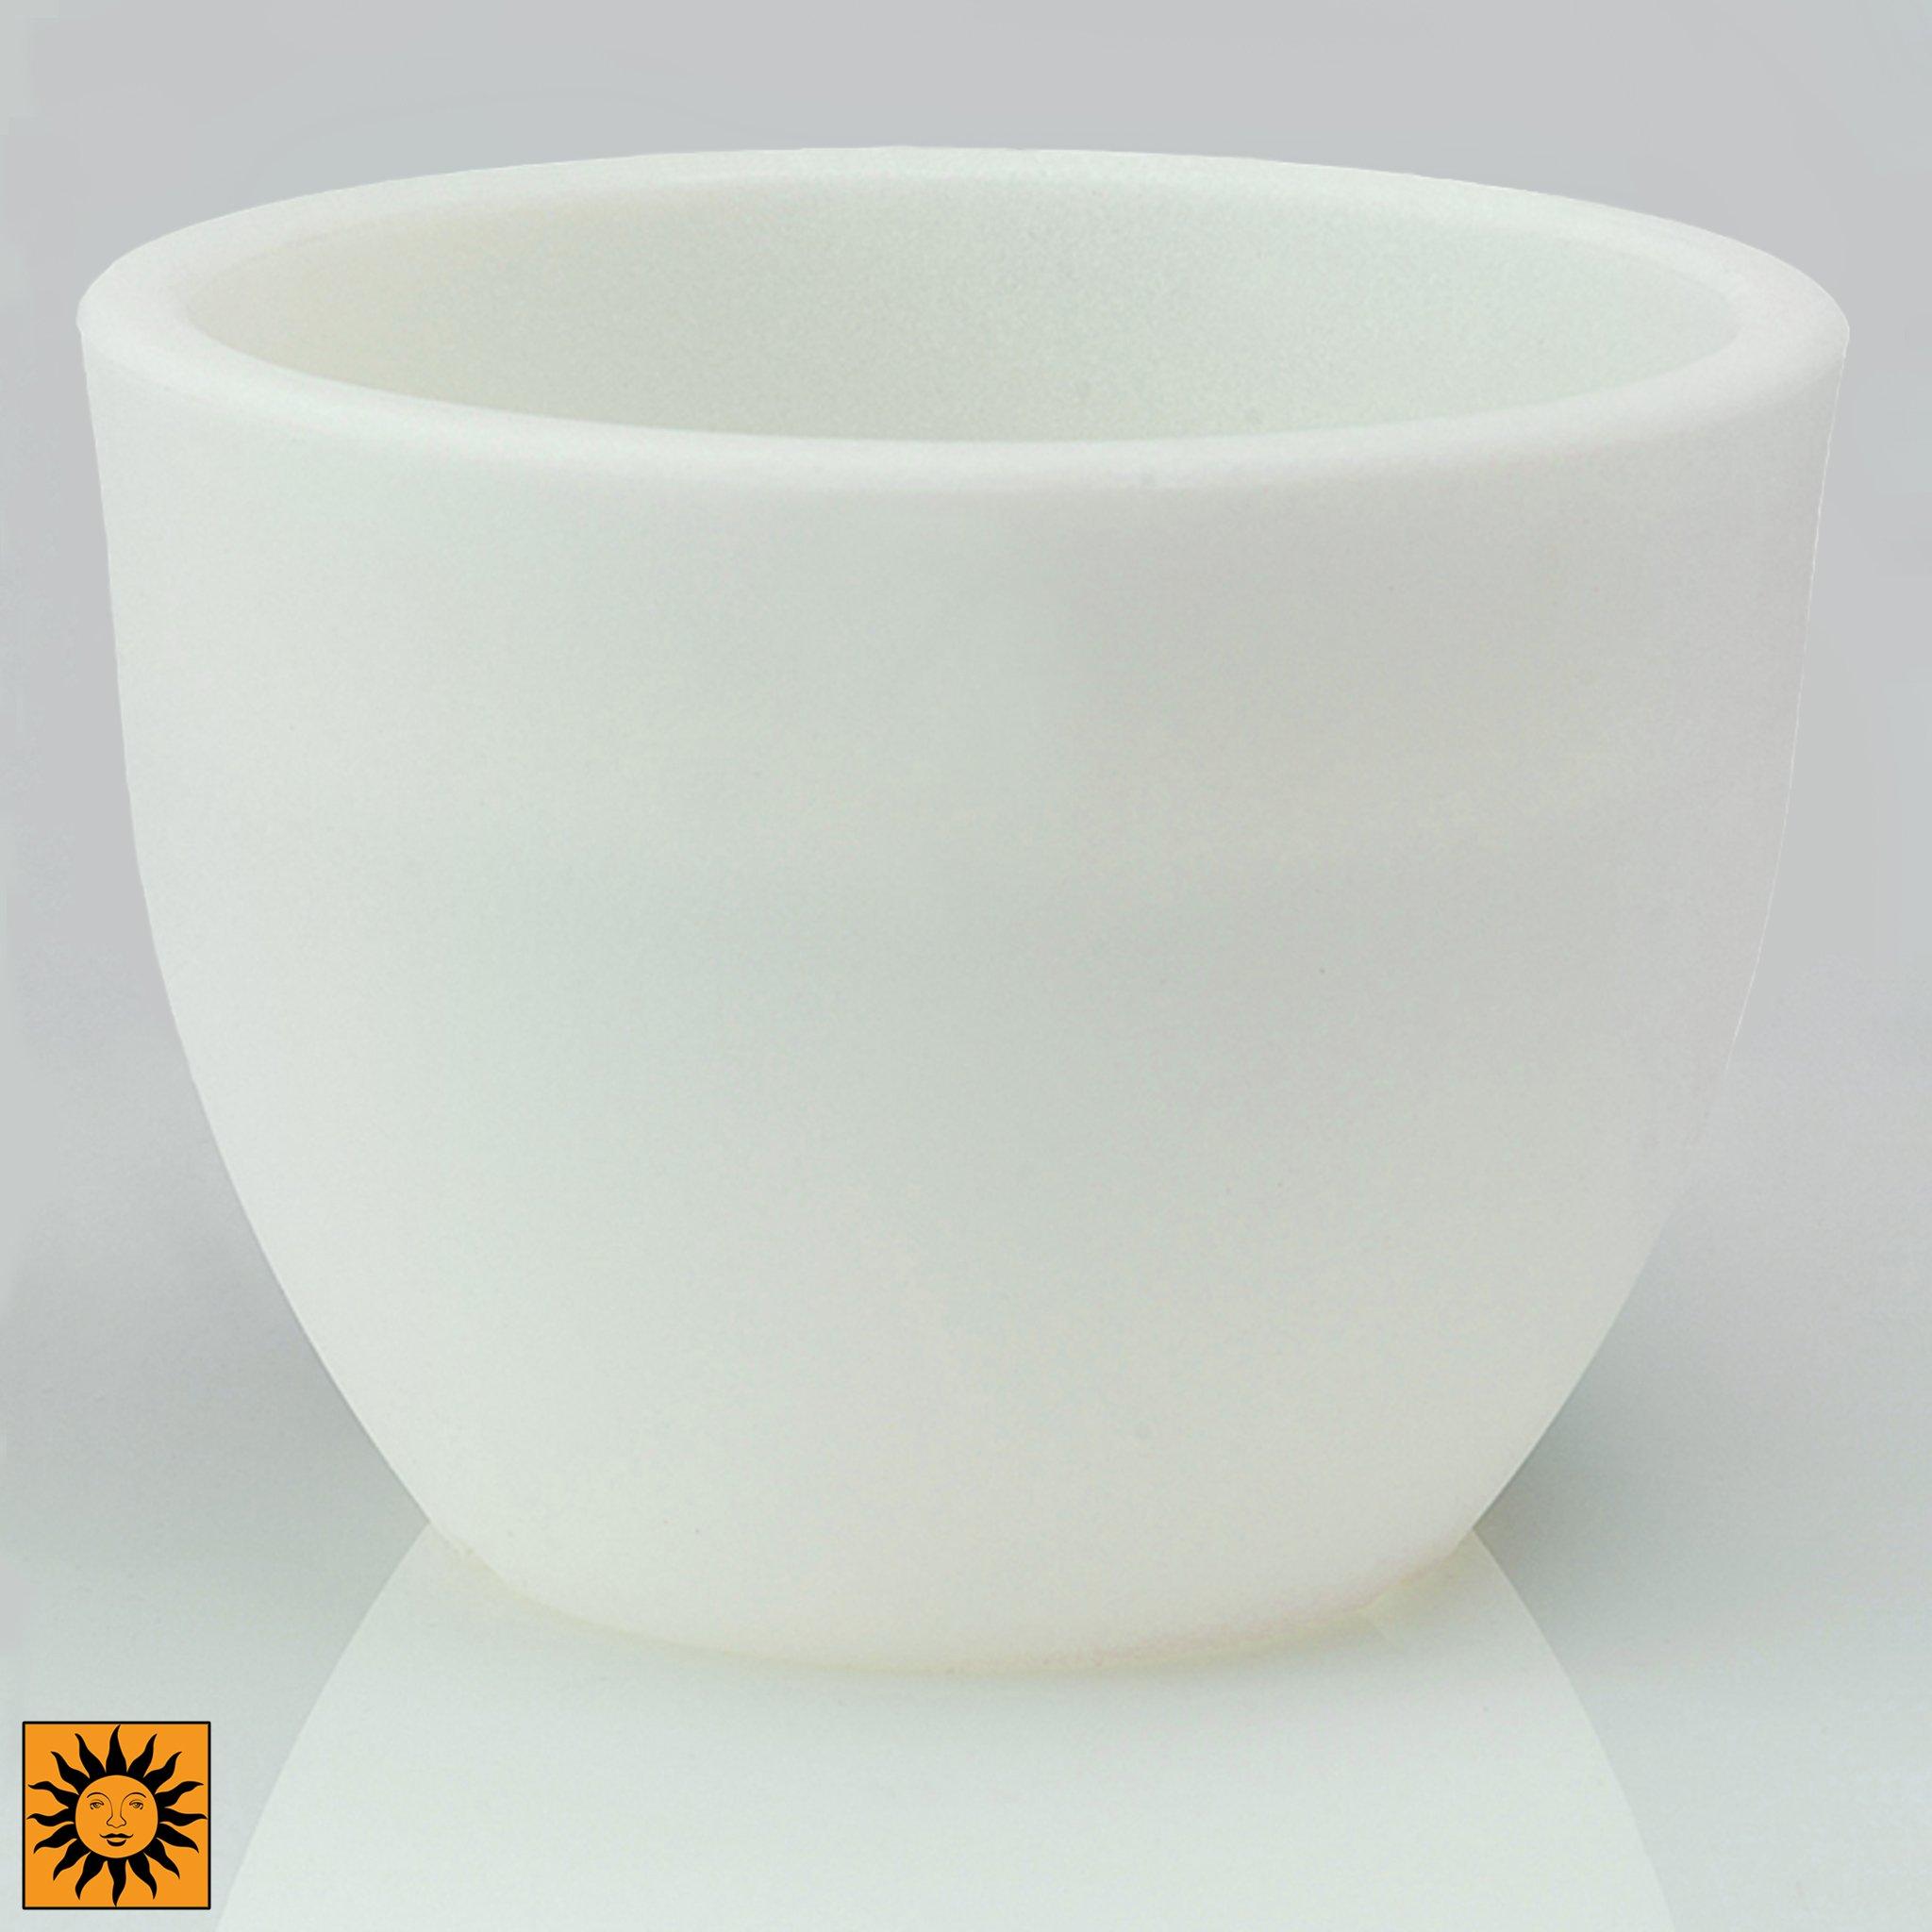 Design Toscano CF2622 Lido Flower Cachepot-Revolutionary Garden Decorations Glow in the Dark Planter Urn, 15.5'', White